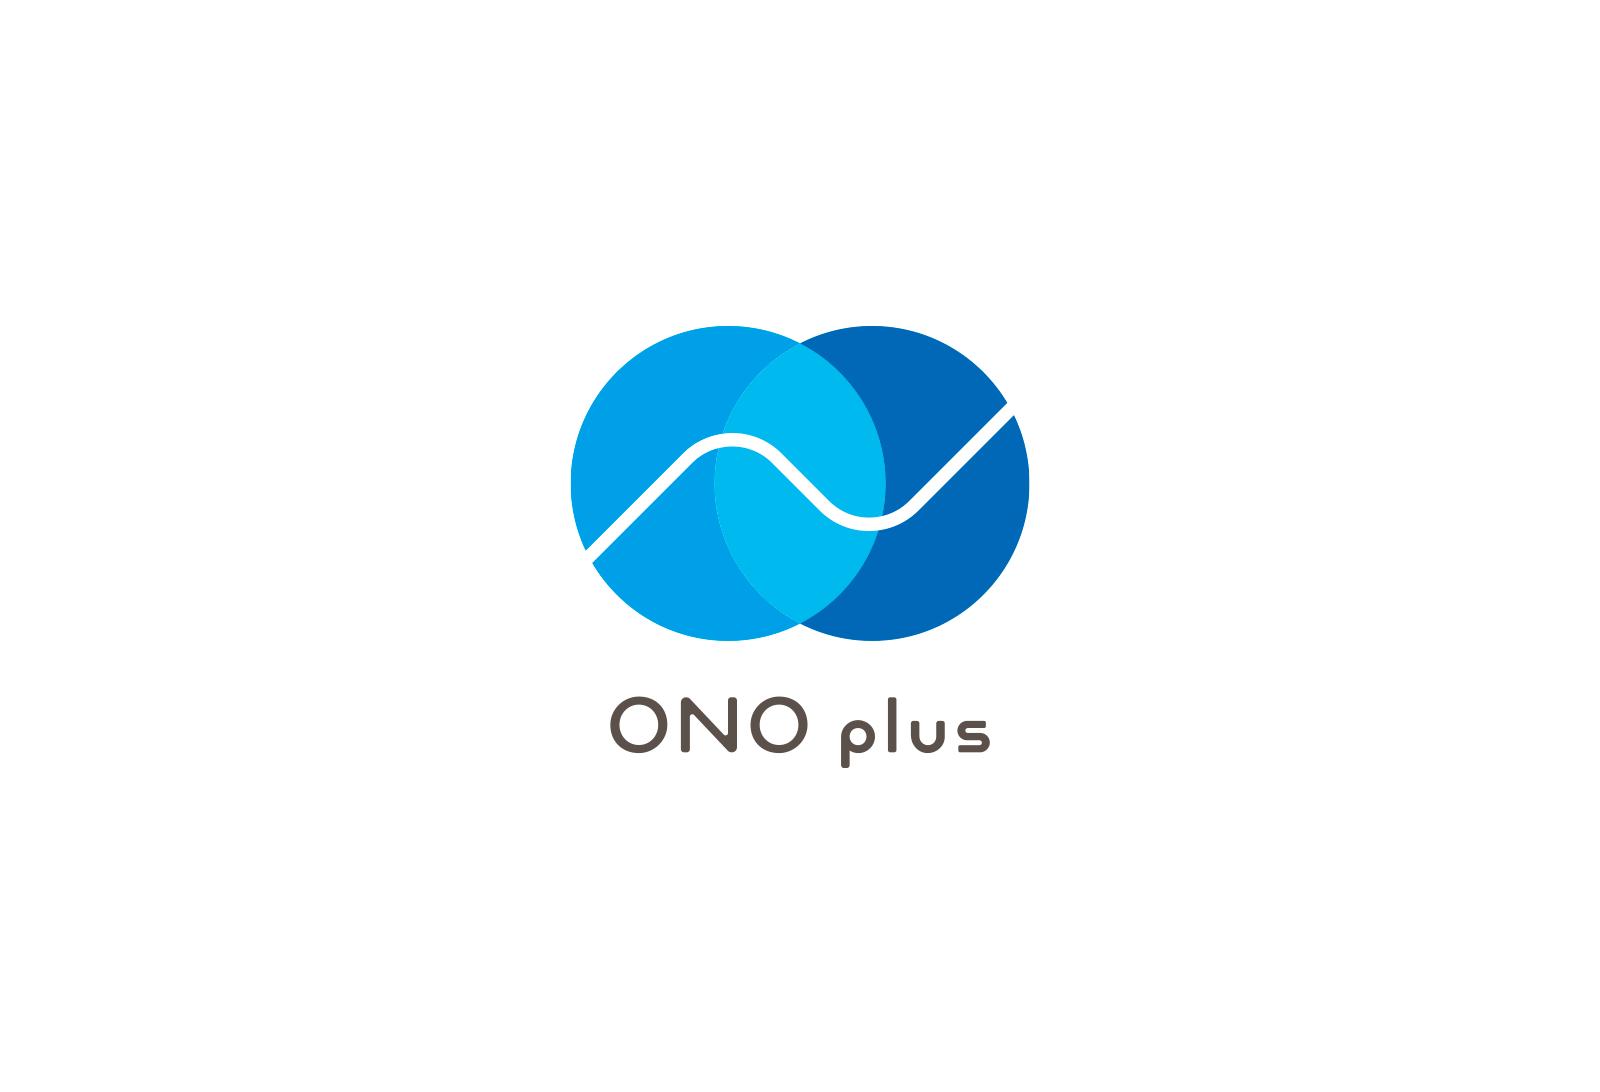 ONO plus